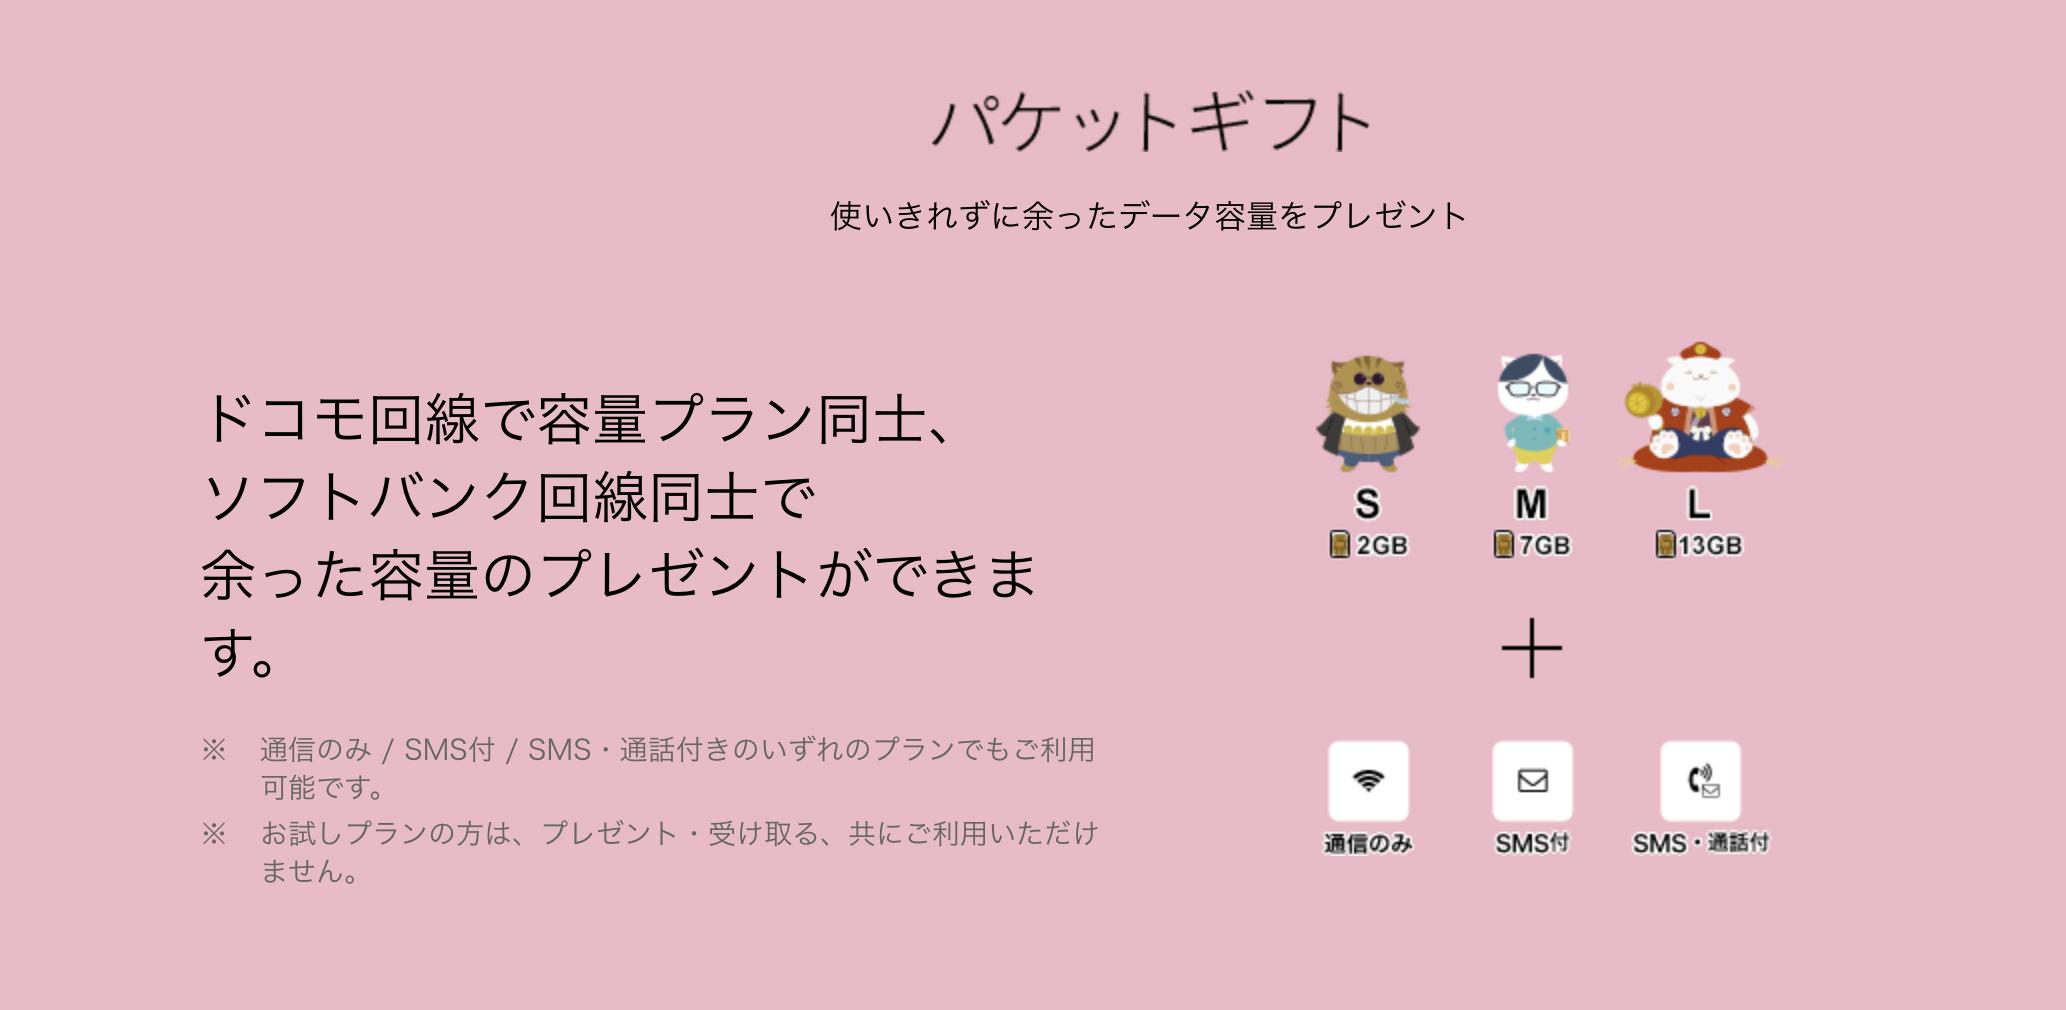 nuroモバイル パケットギフト